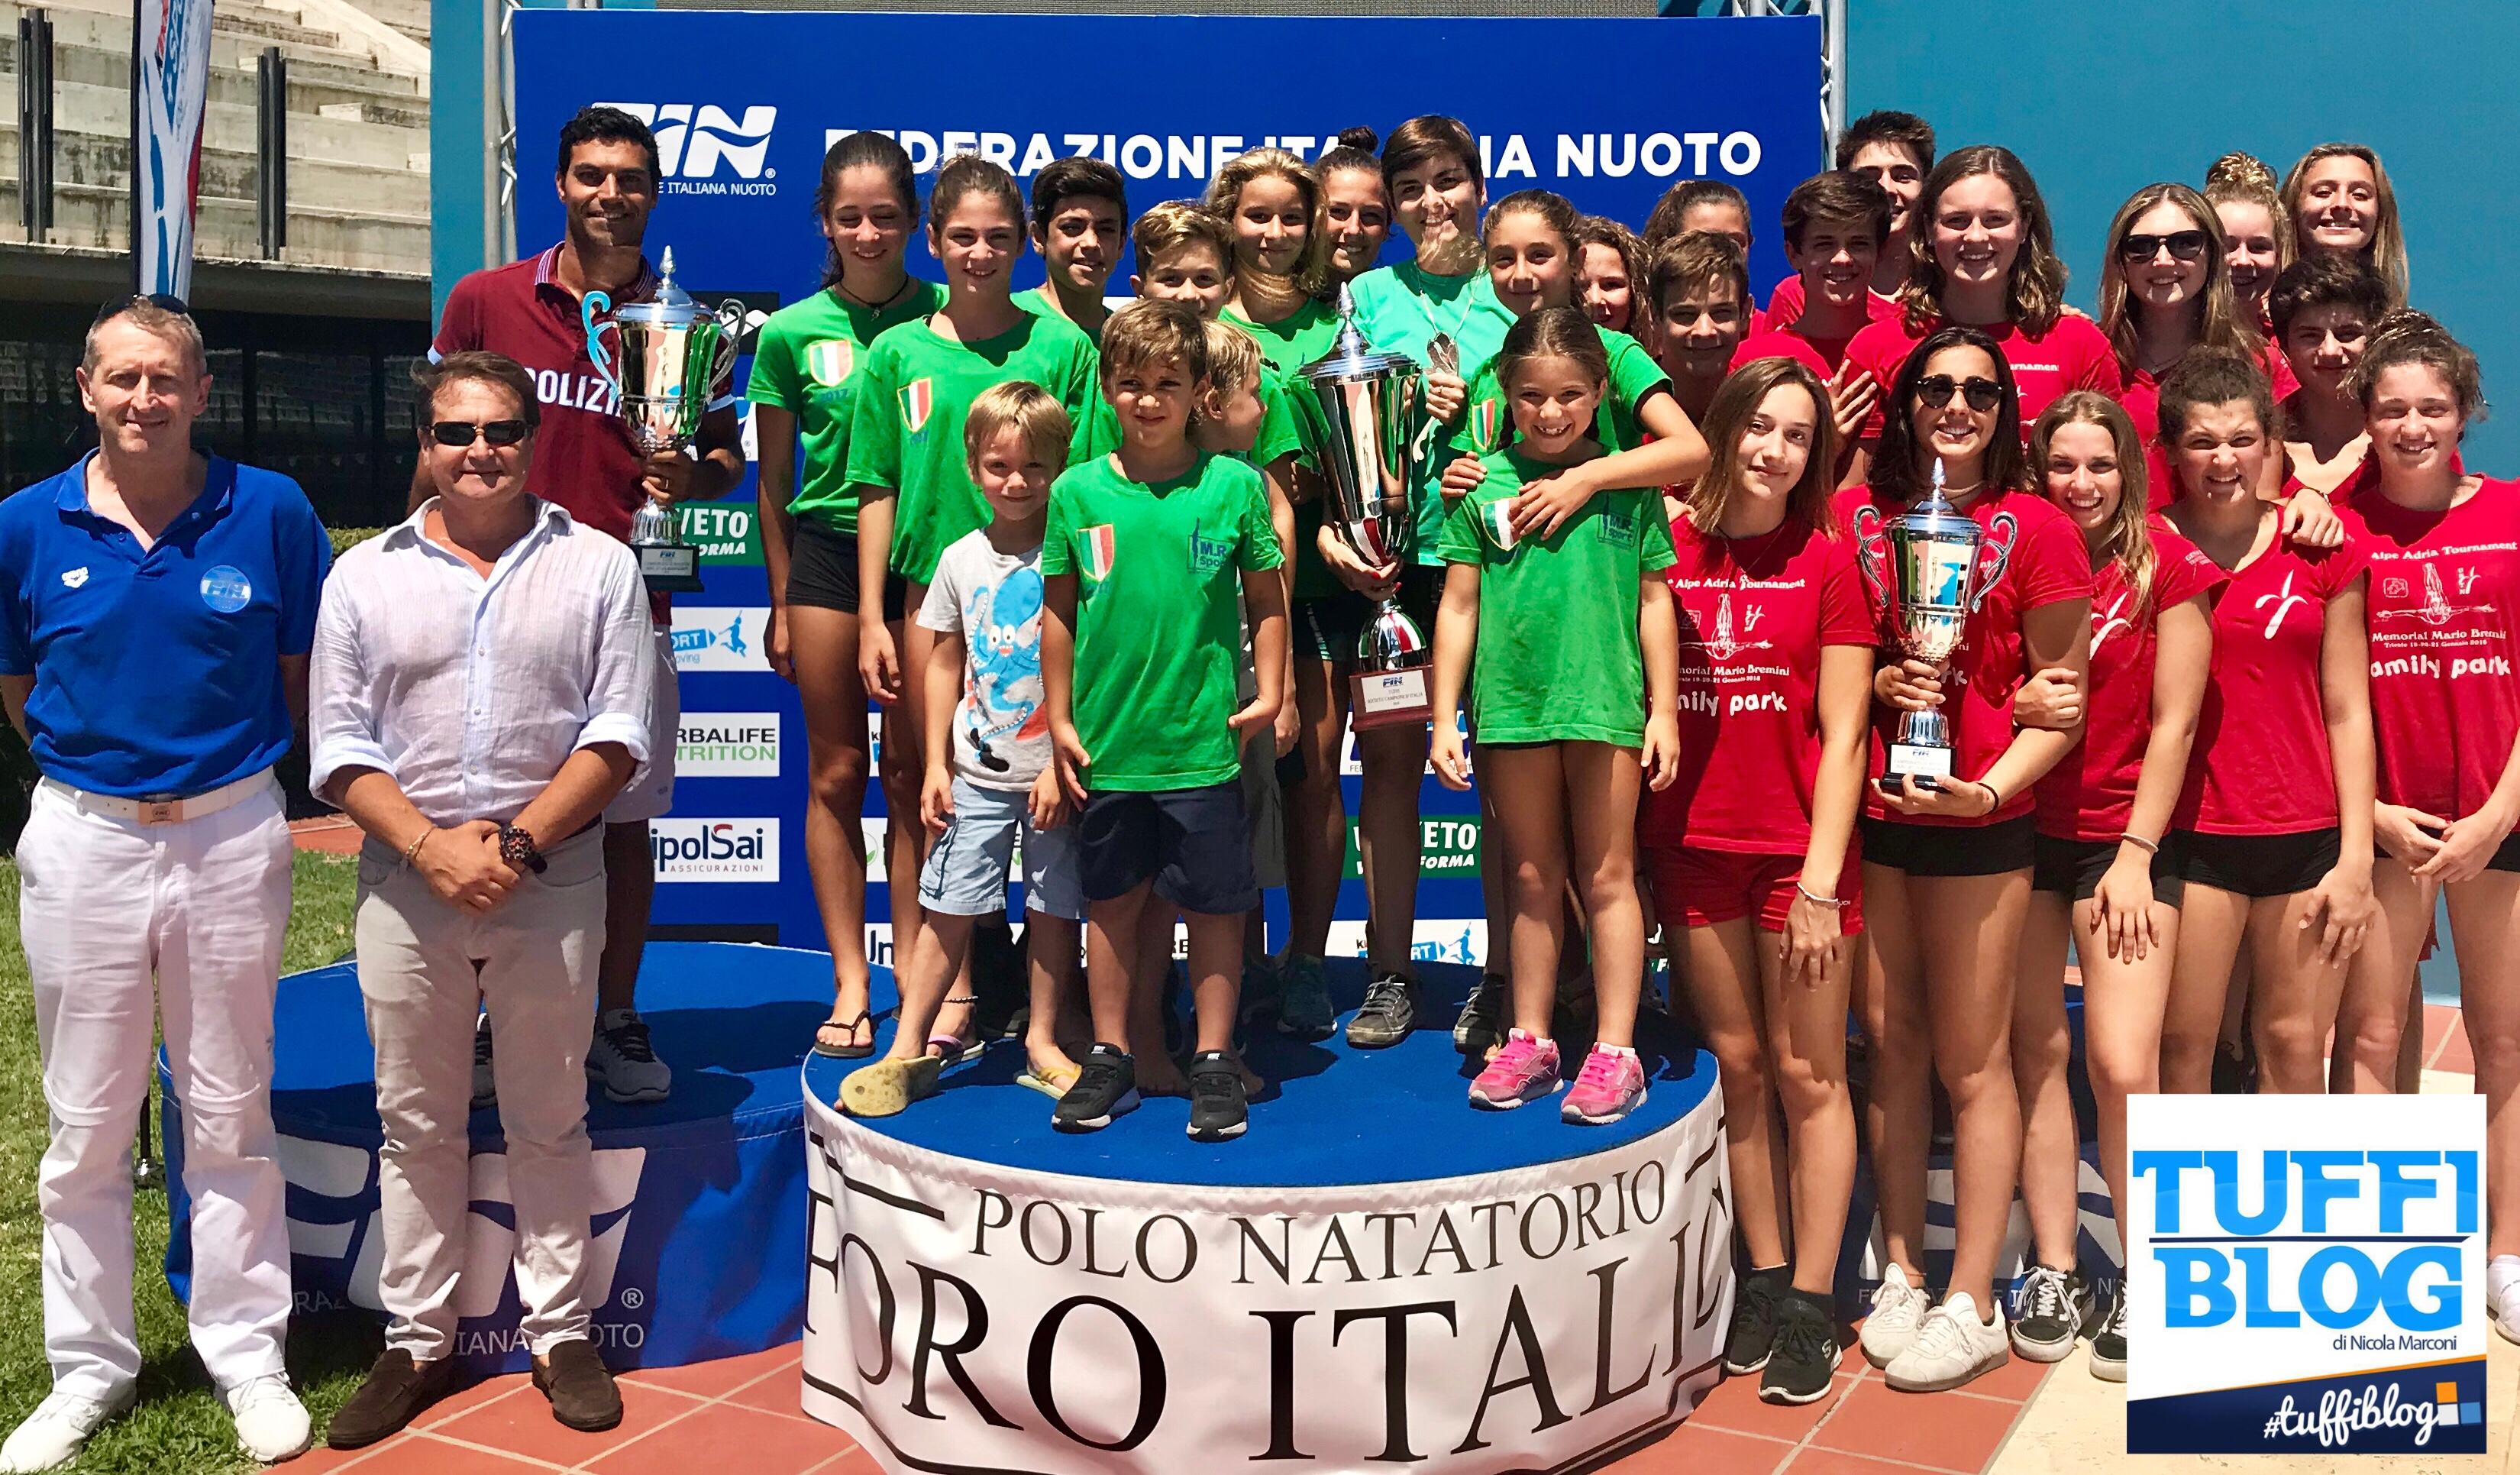 Categoria Estivi: Roma - ultimi titoli a Mion, Alessio e Fonda. MR Sport pigliatutto!